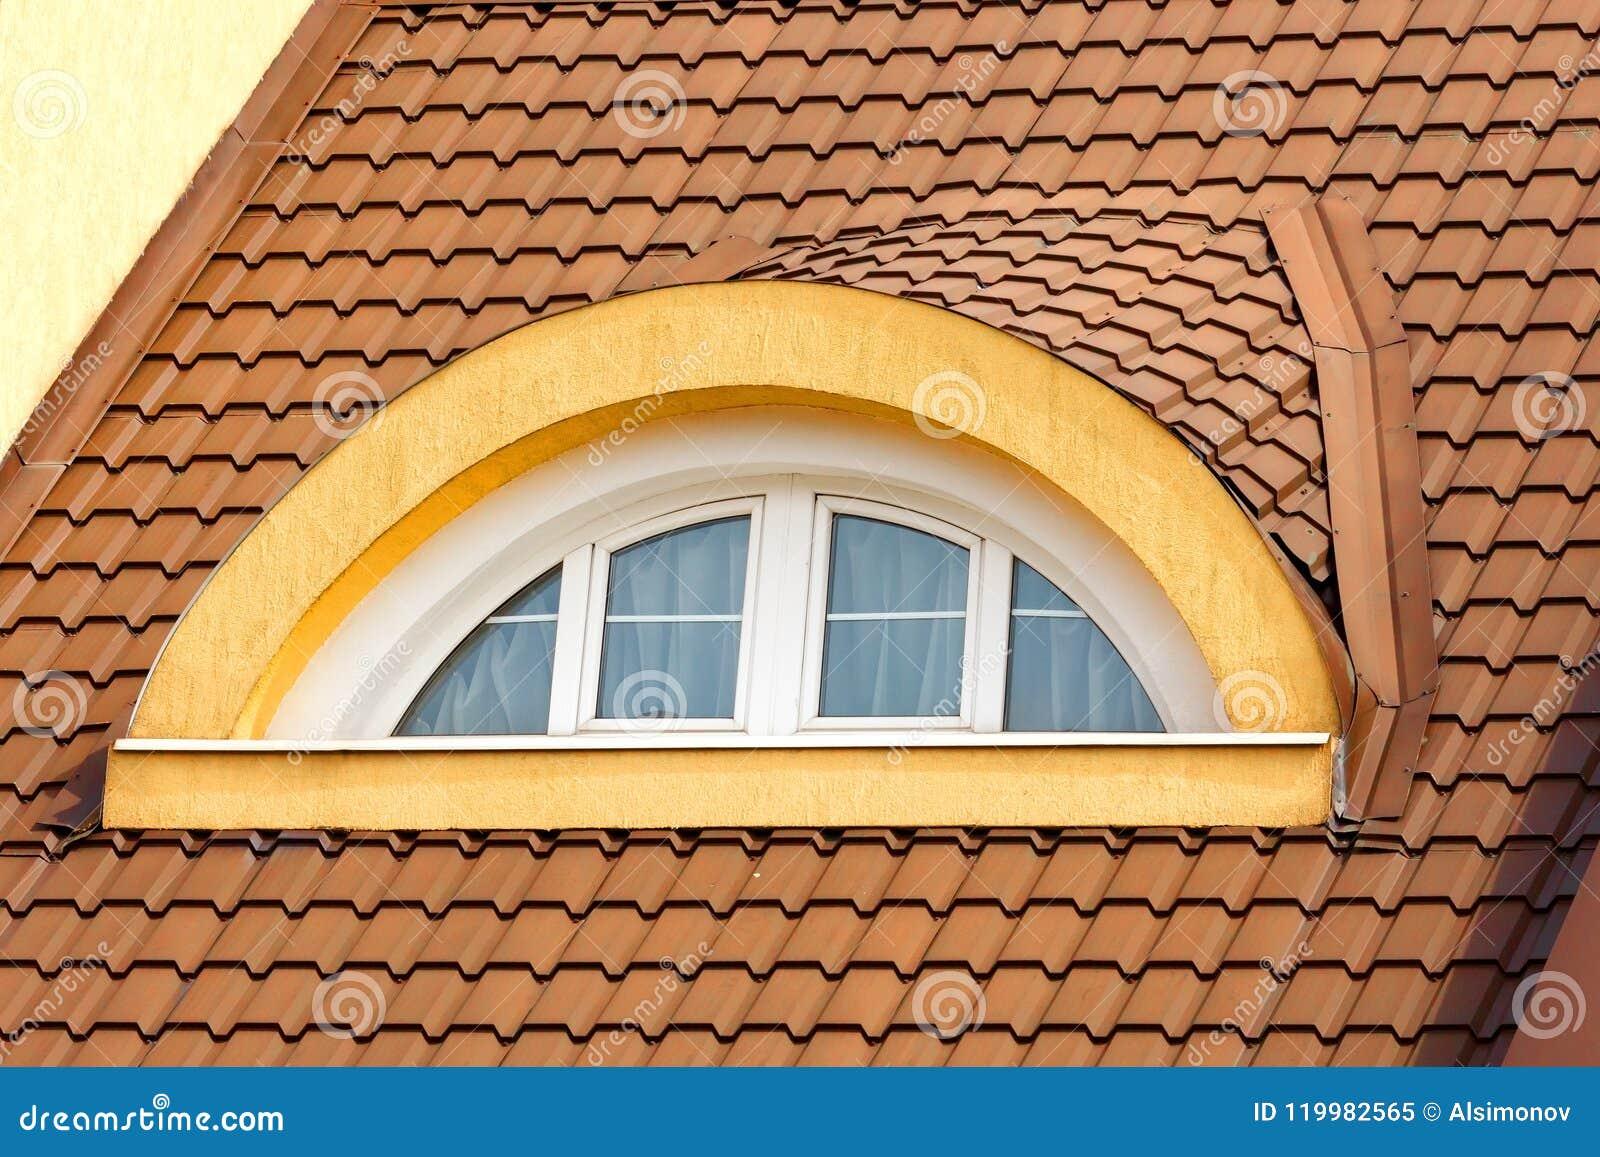 halbkreisförmiges, gewölbtes dachbodenfenster im hintergrund des